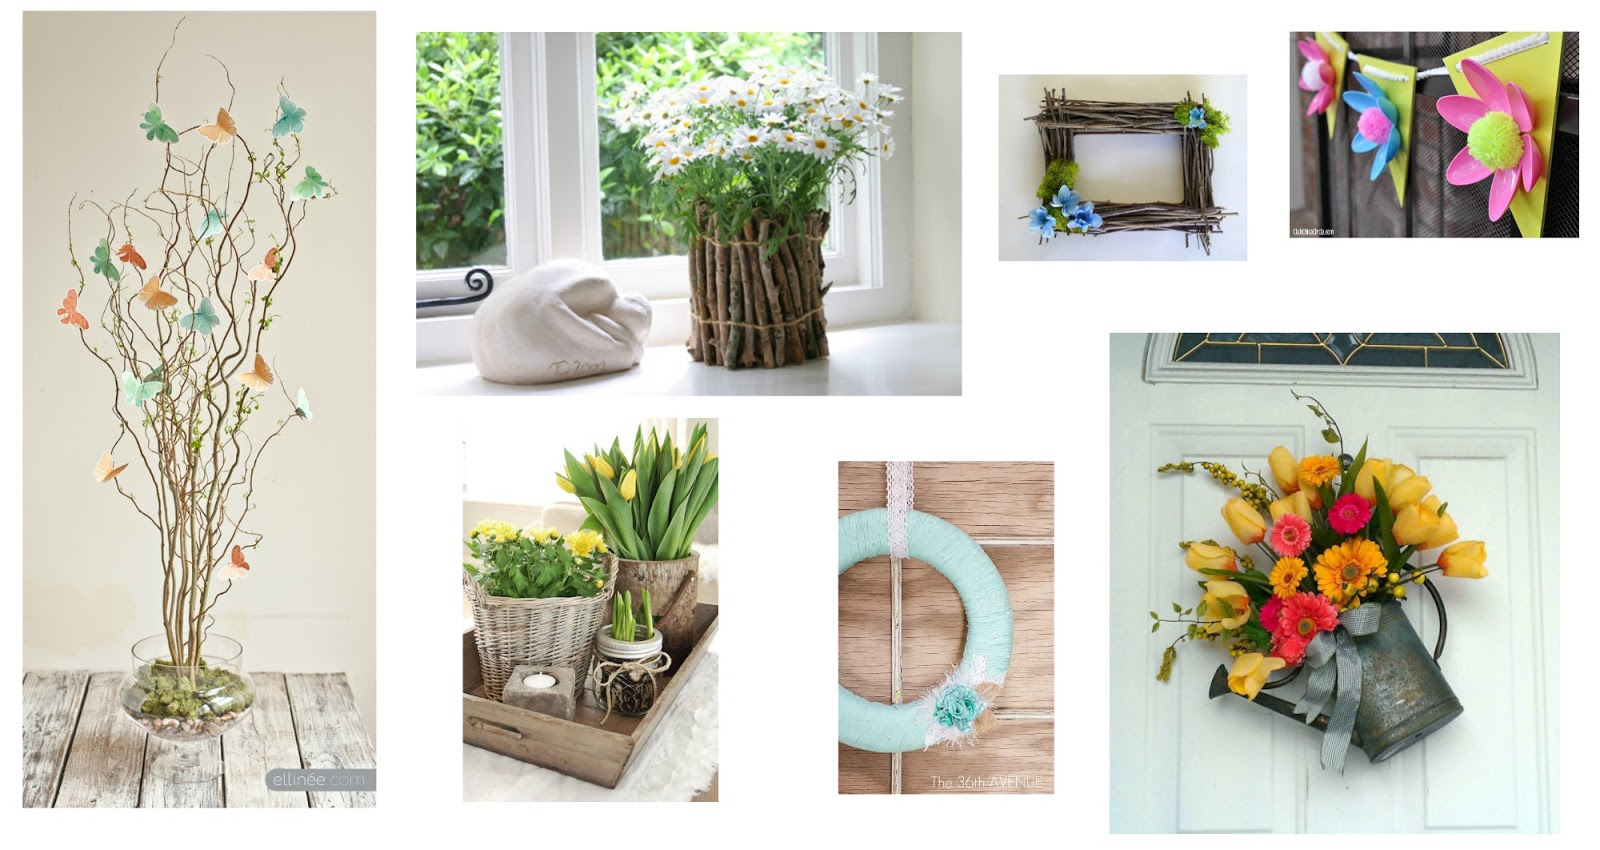 7 idee primaverili fai da te per decorare casa col riciclo for Arredare casa idee fai da te